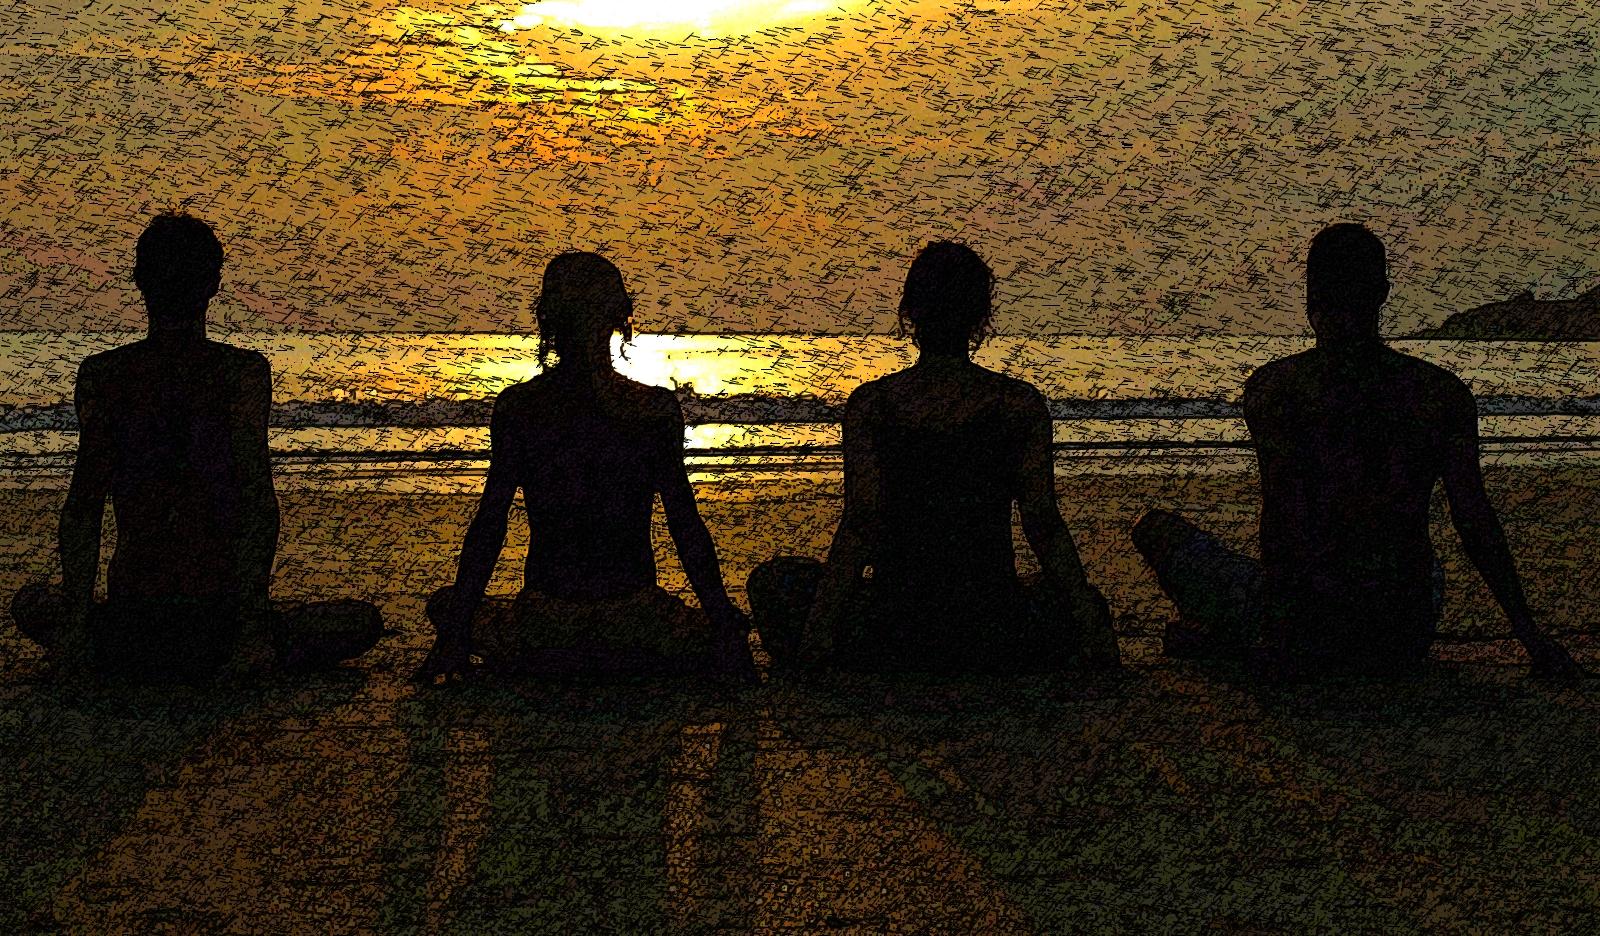 Importantes Revelaciones sobre la Relación del YOGA con el OCULTISMO